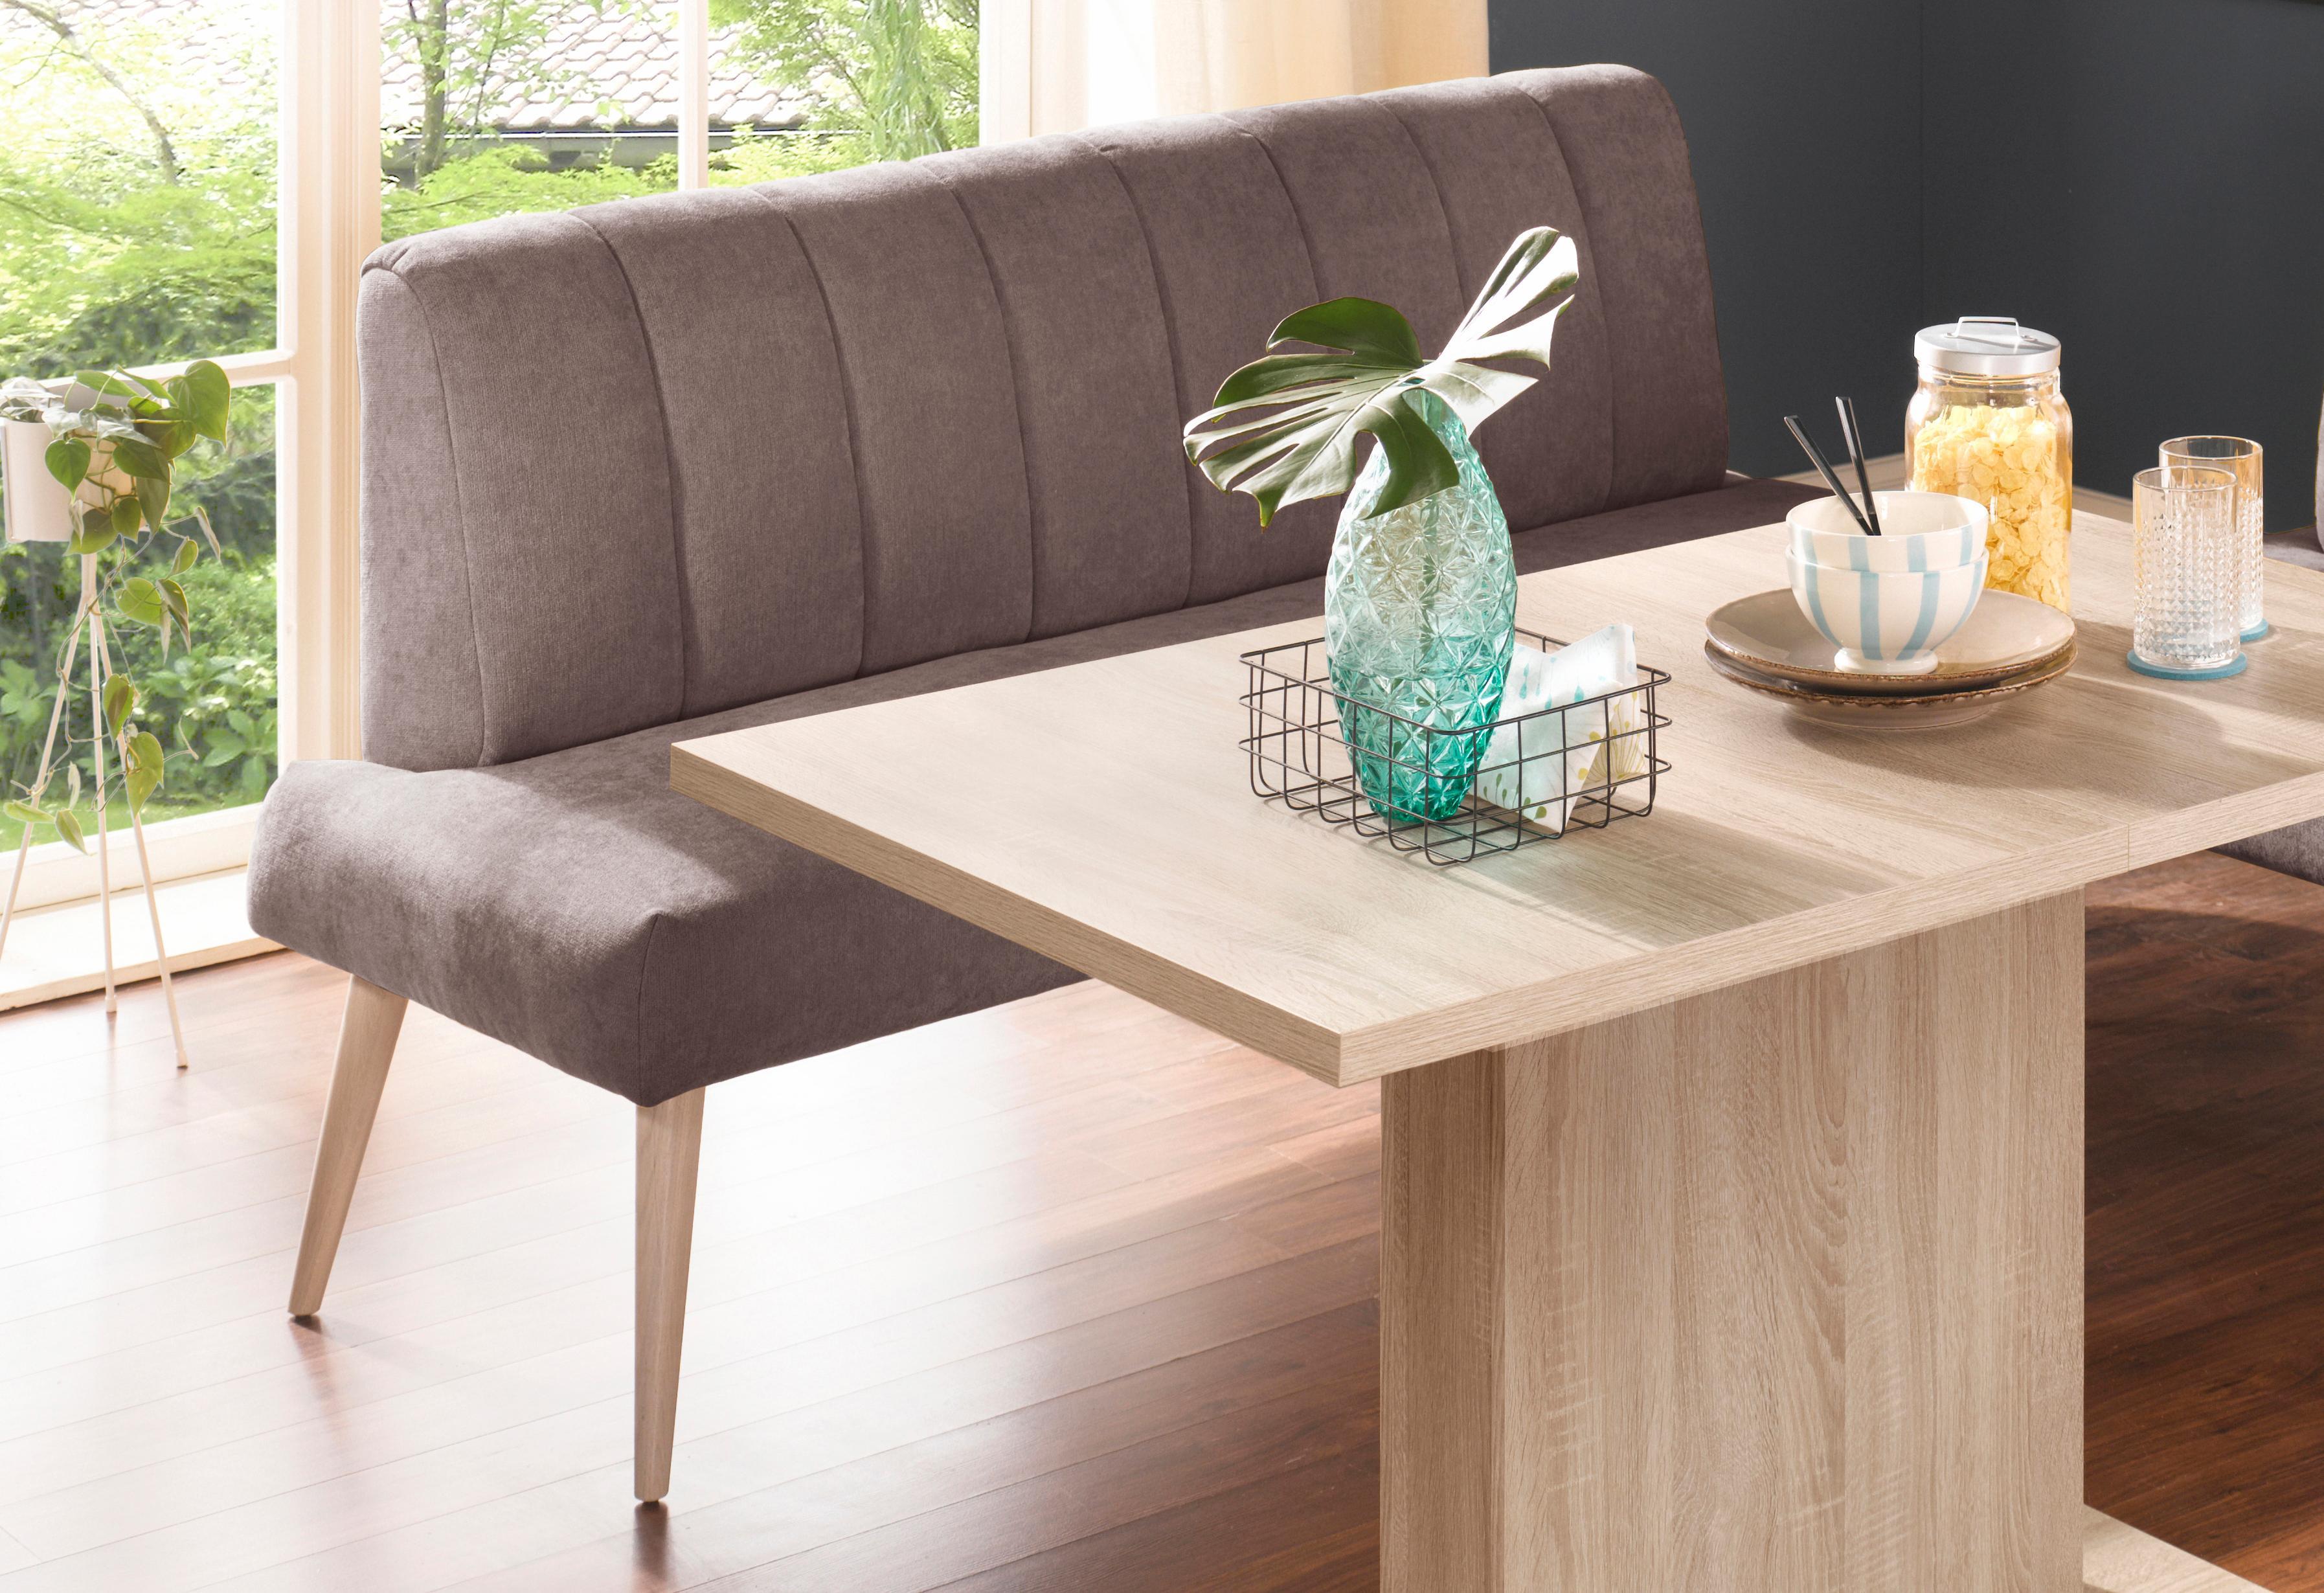 Image of exxpo - sofa fashion Sitzbank